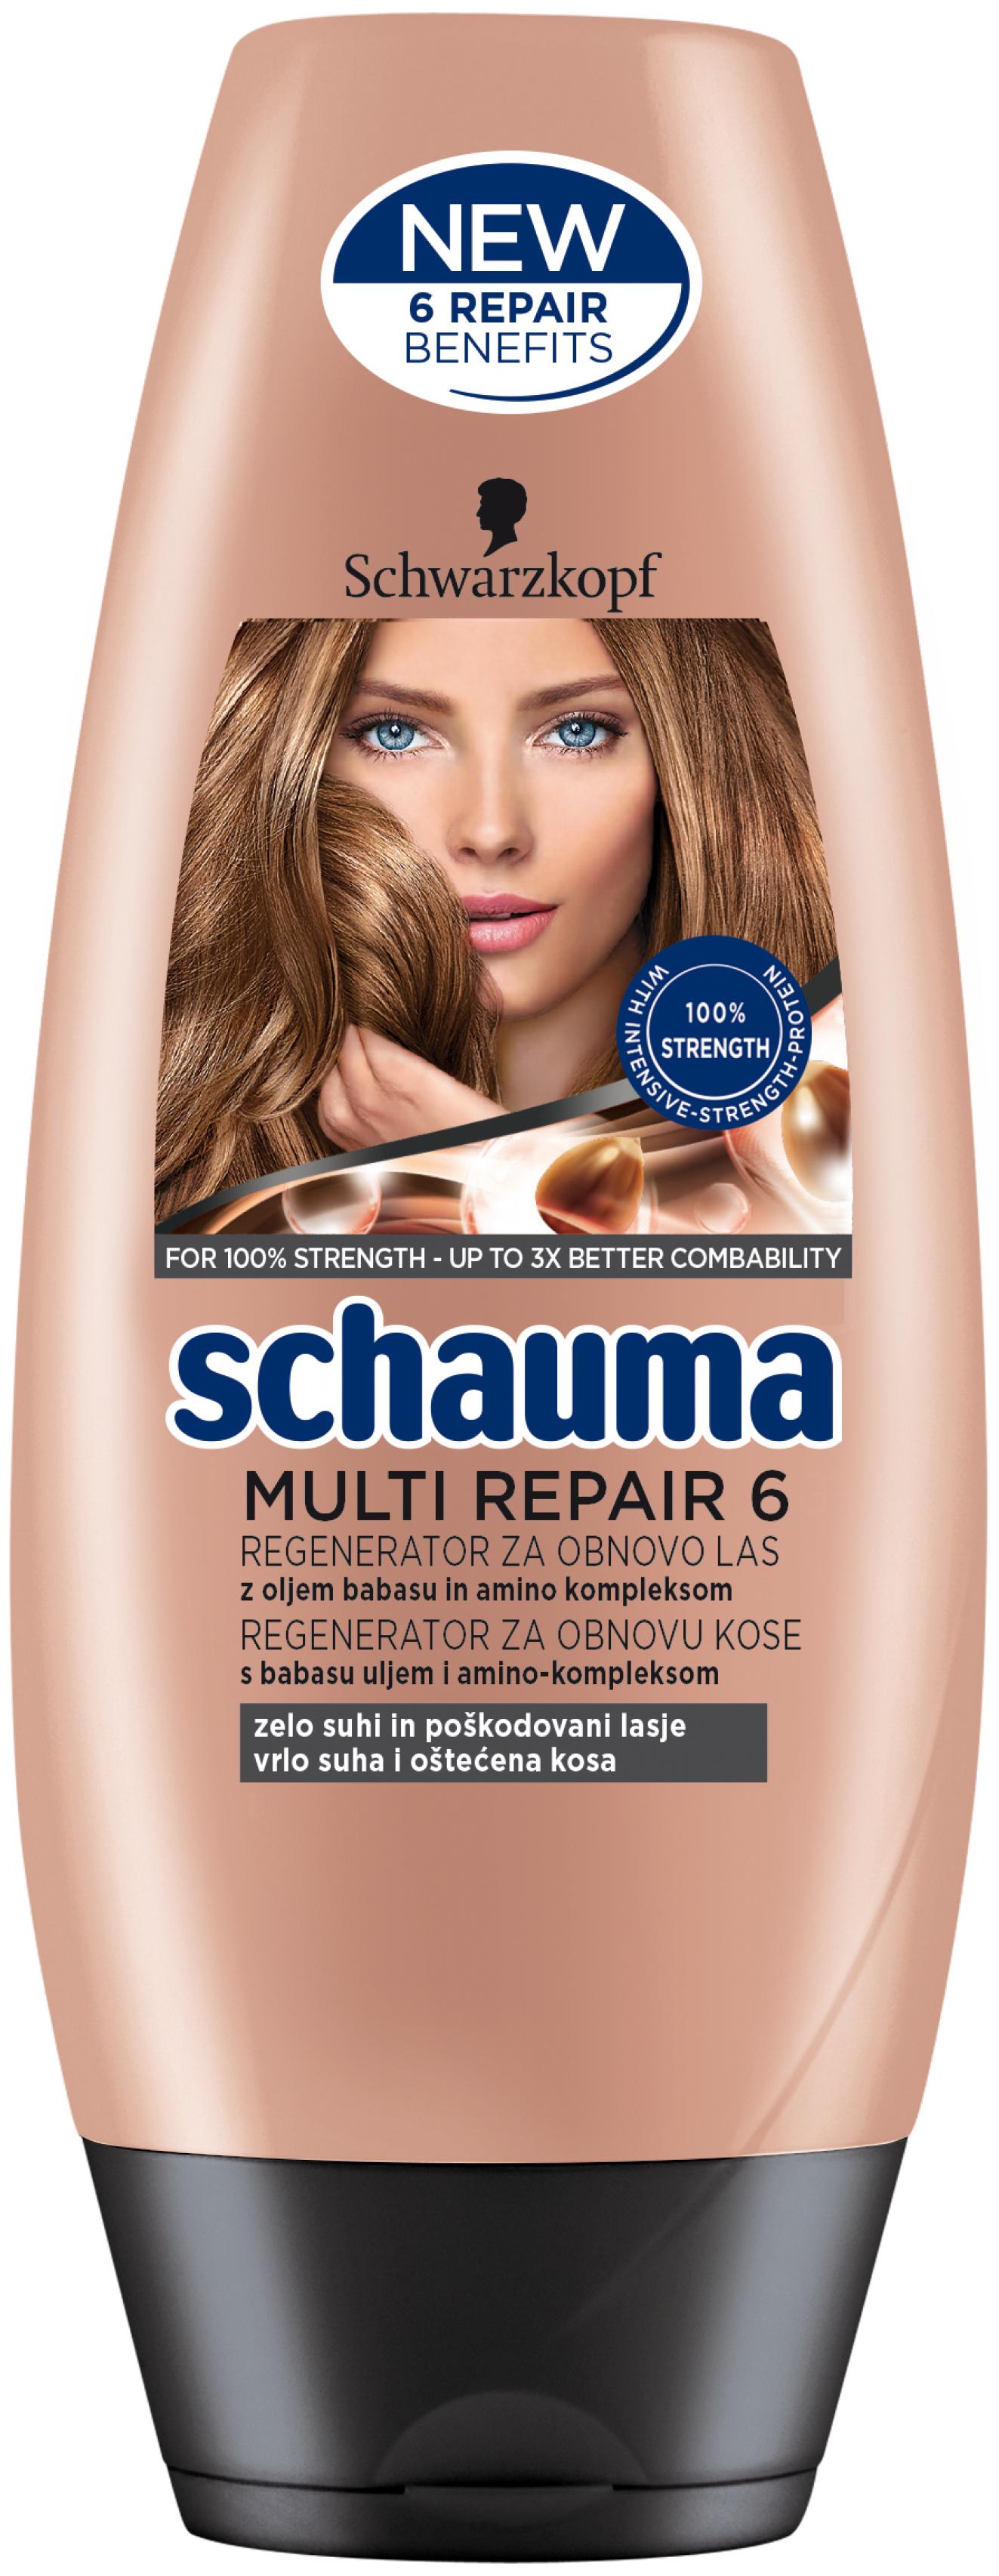 Fotografie Schauma Multi Repair 6 obnovující balzám pro velmi suché a poškozené vlasy 200 ml